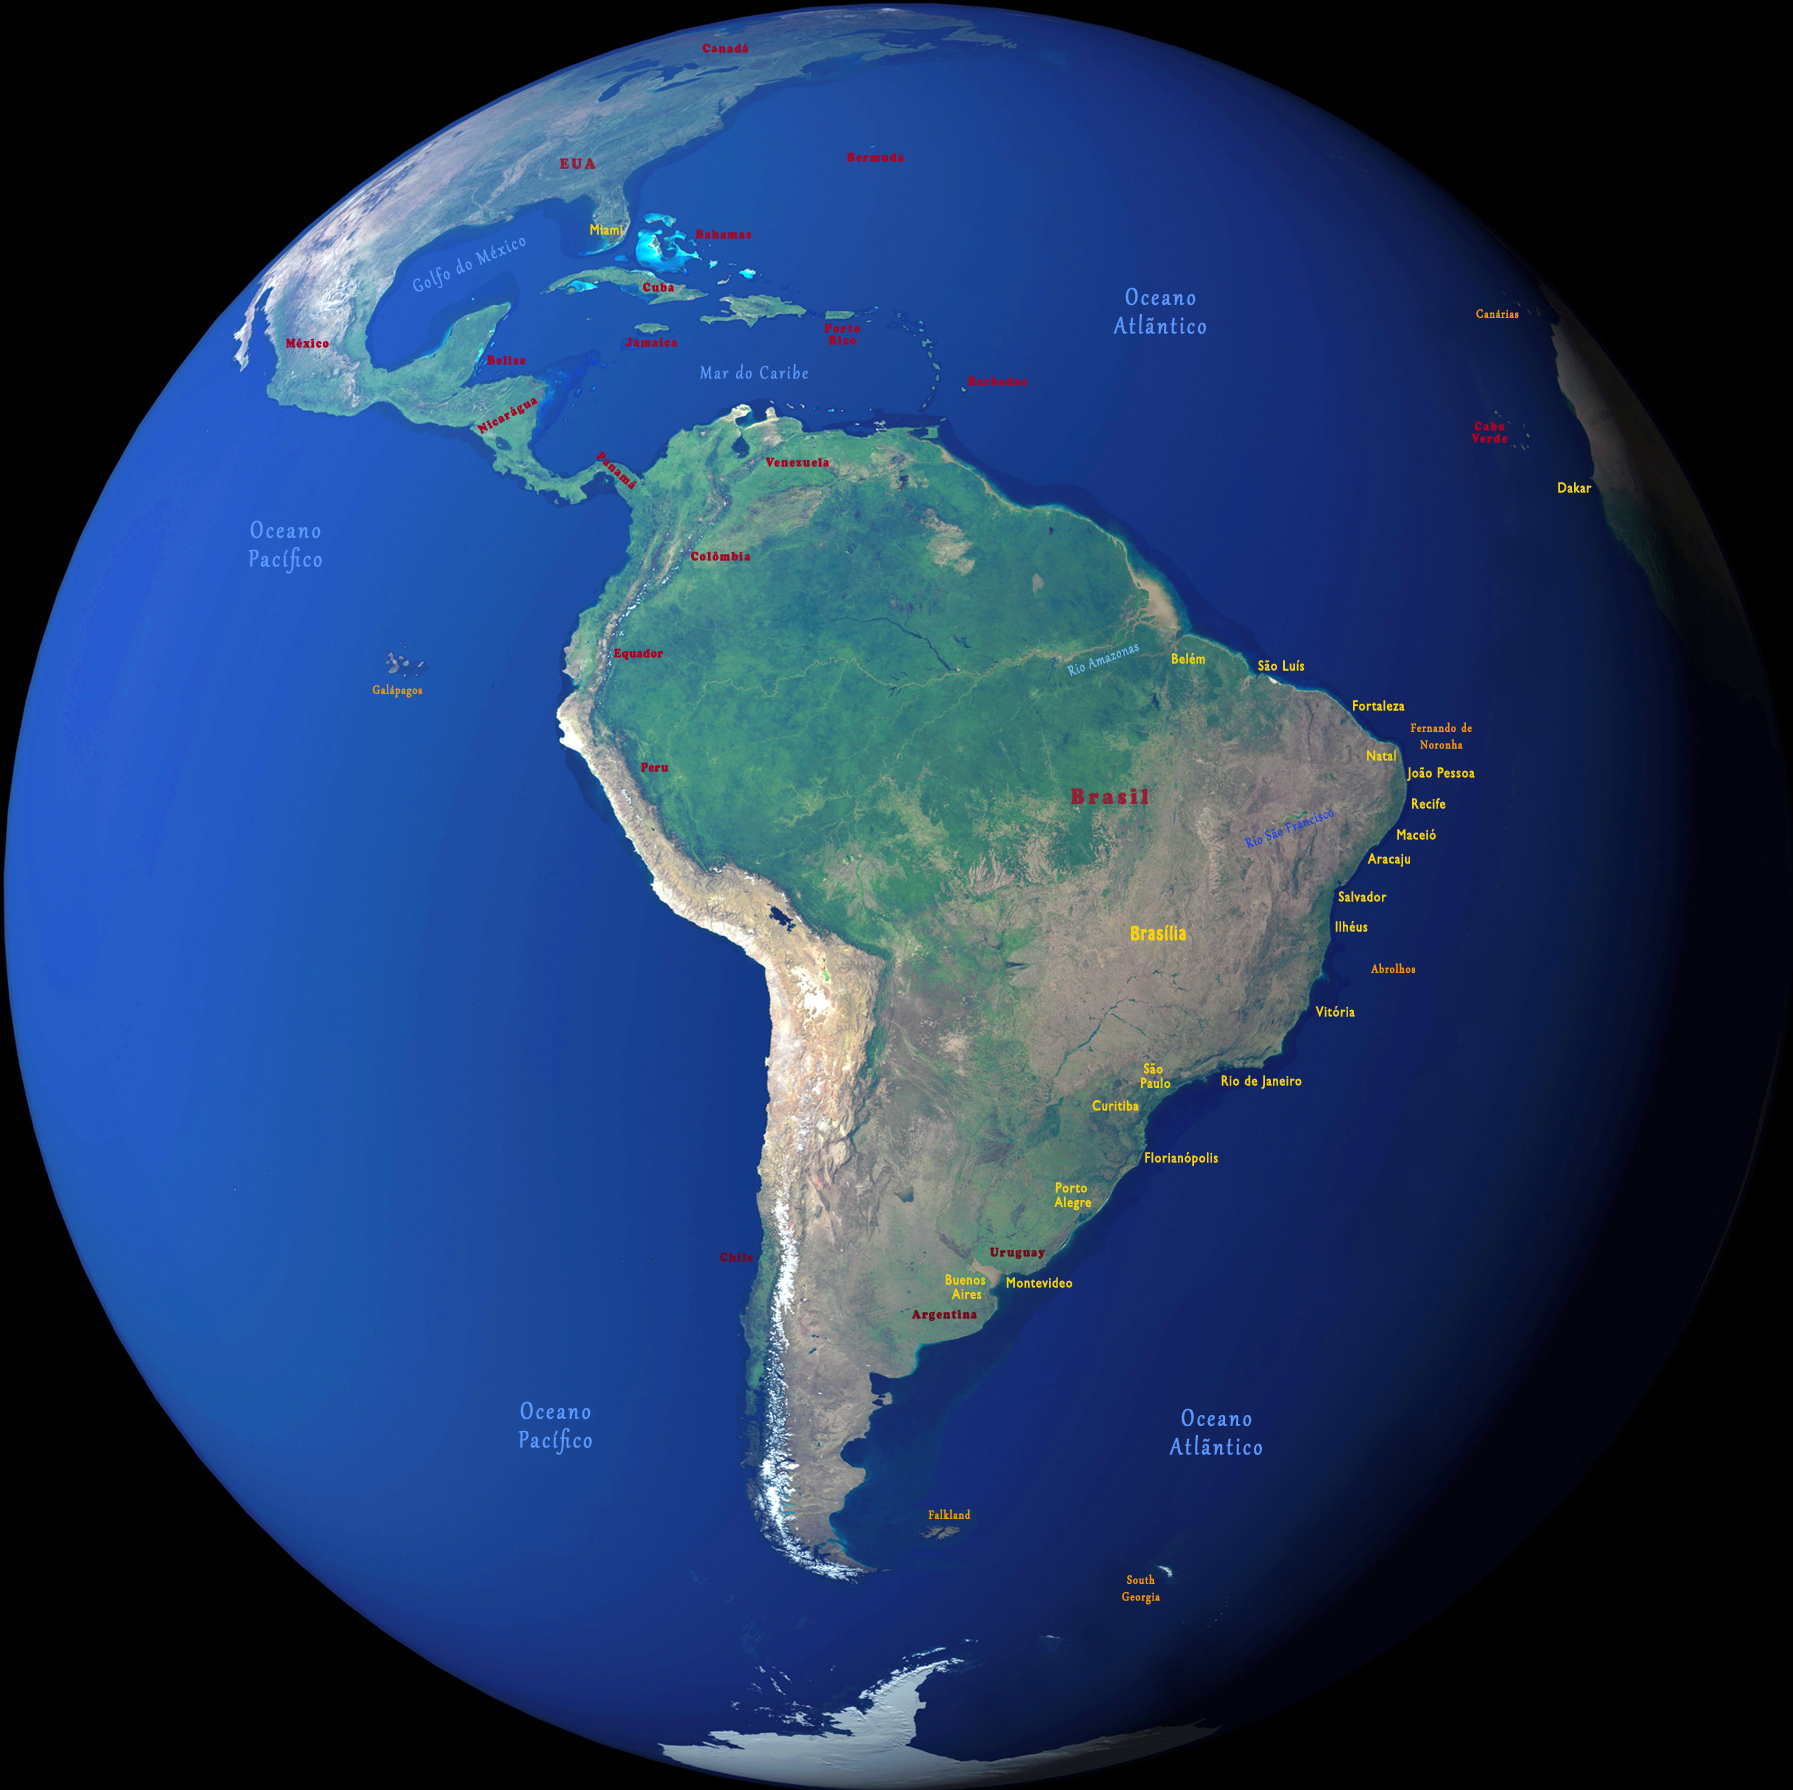 Globo América Sul